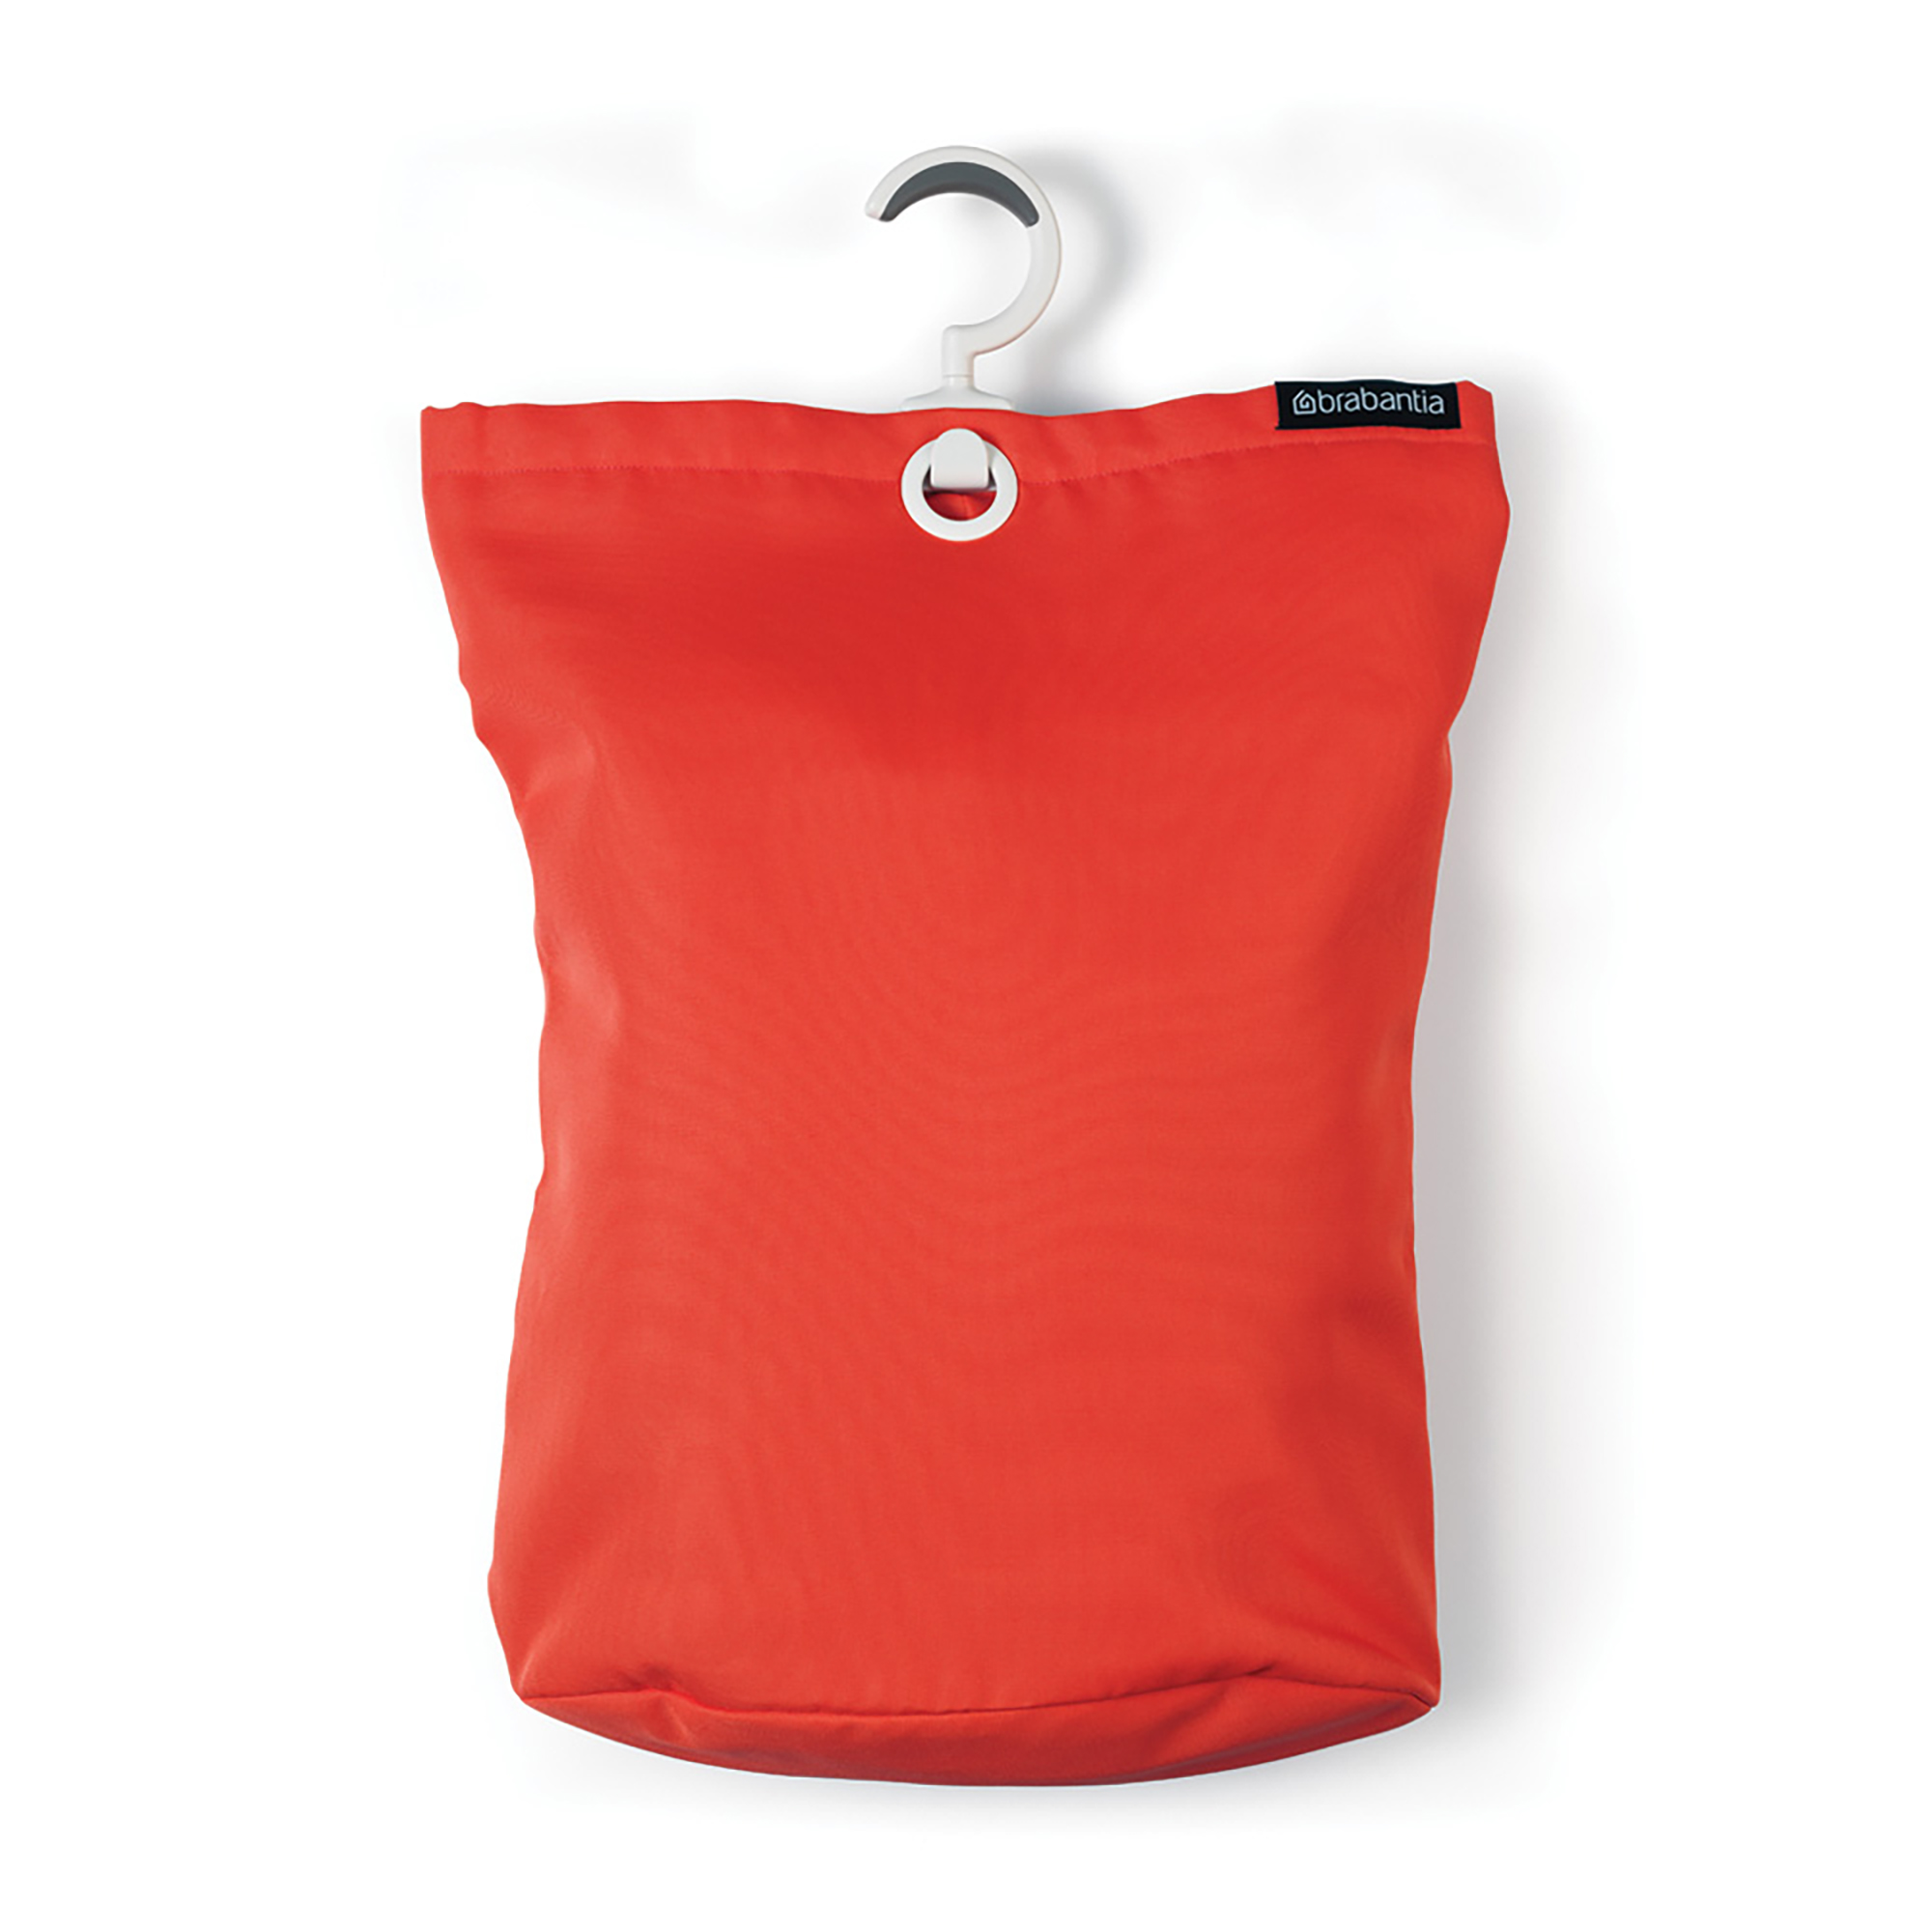 Сумка для белья Brabantia, подвесная, цвет: красный. 106088106088Порой грязное белье можно найти в самых неожиданных местах! Вешаем сумку для белья в каждой комнате, и получаем идеальный порядок! Собрались стирать? Относим сумку к стиральной машине и выгружаем белье, перевернув за специальную петельку, расположенную на дне сумки. Вот так просто – на раз, два, три. • Экономия места: легко подвешивается на ручку двери, бельевую веревку и т.п. – большой вращающийся крючок с нескользящей поверхностью. • Большая вместимость – до 35 литров. • Удобно выгружать белье – специальная петля на дне сумки.